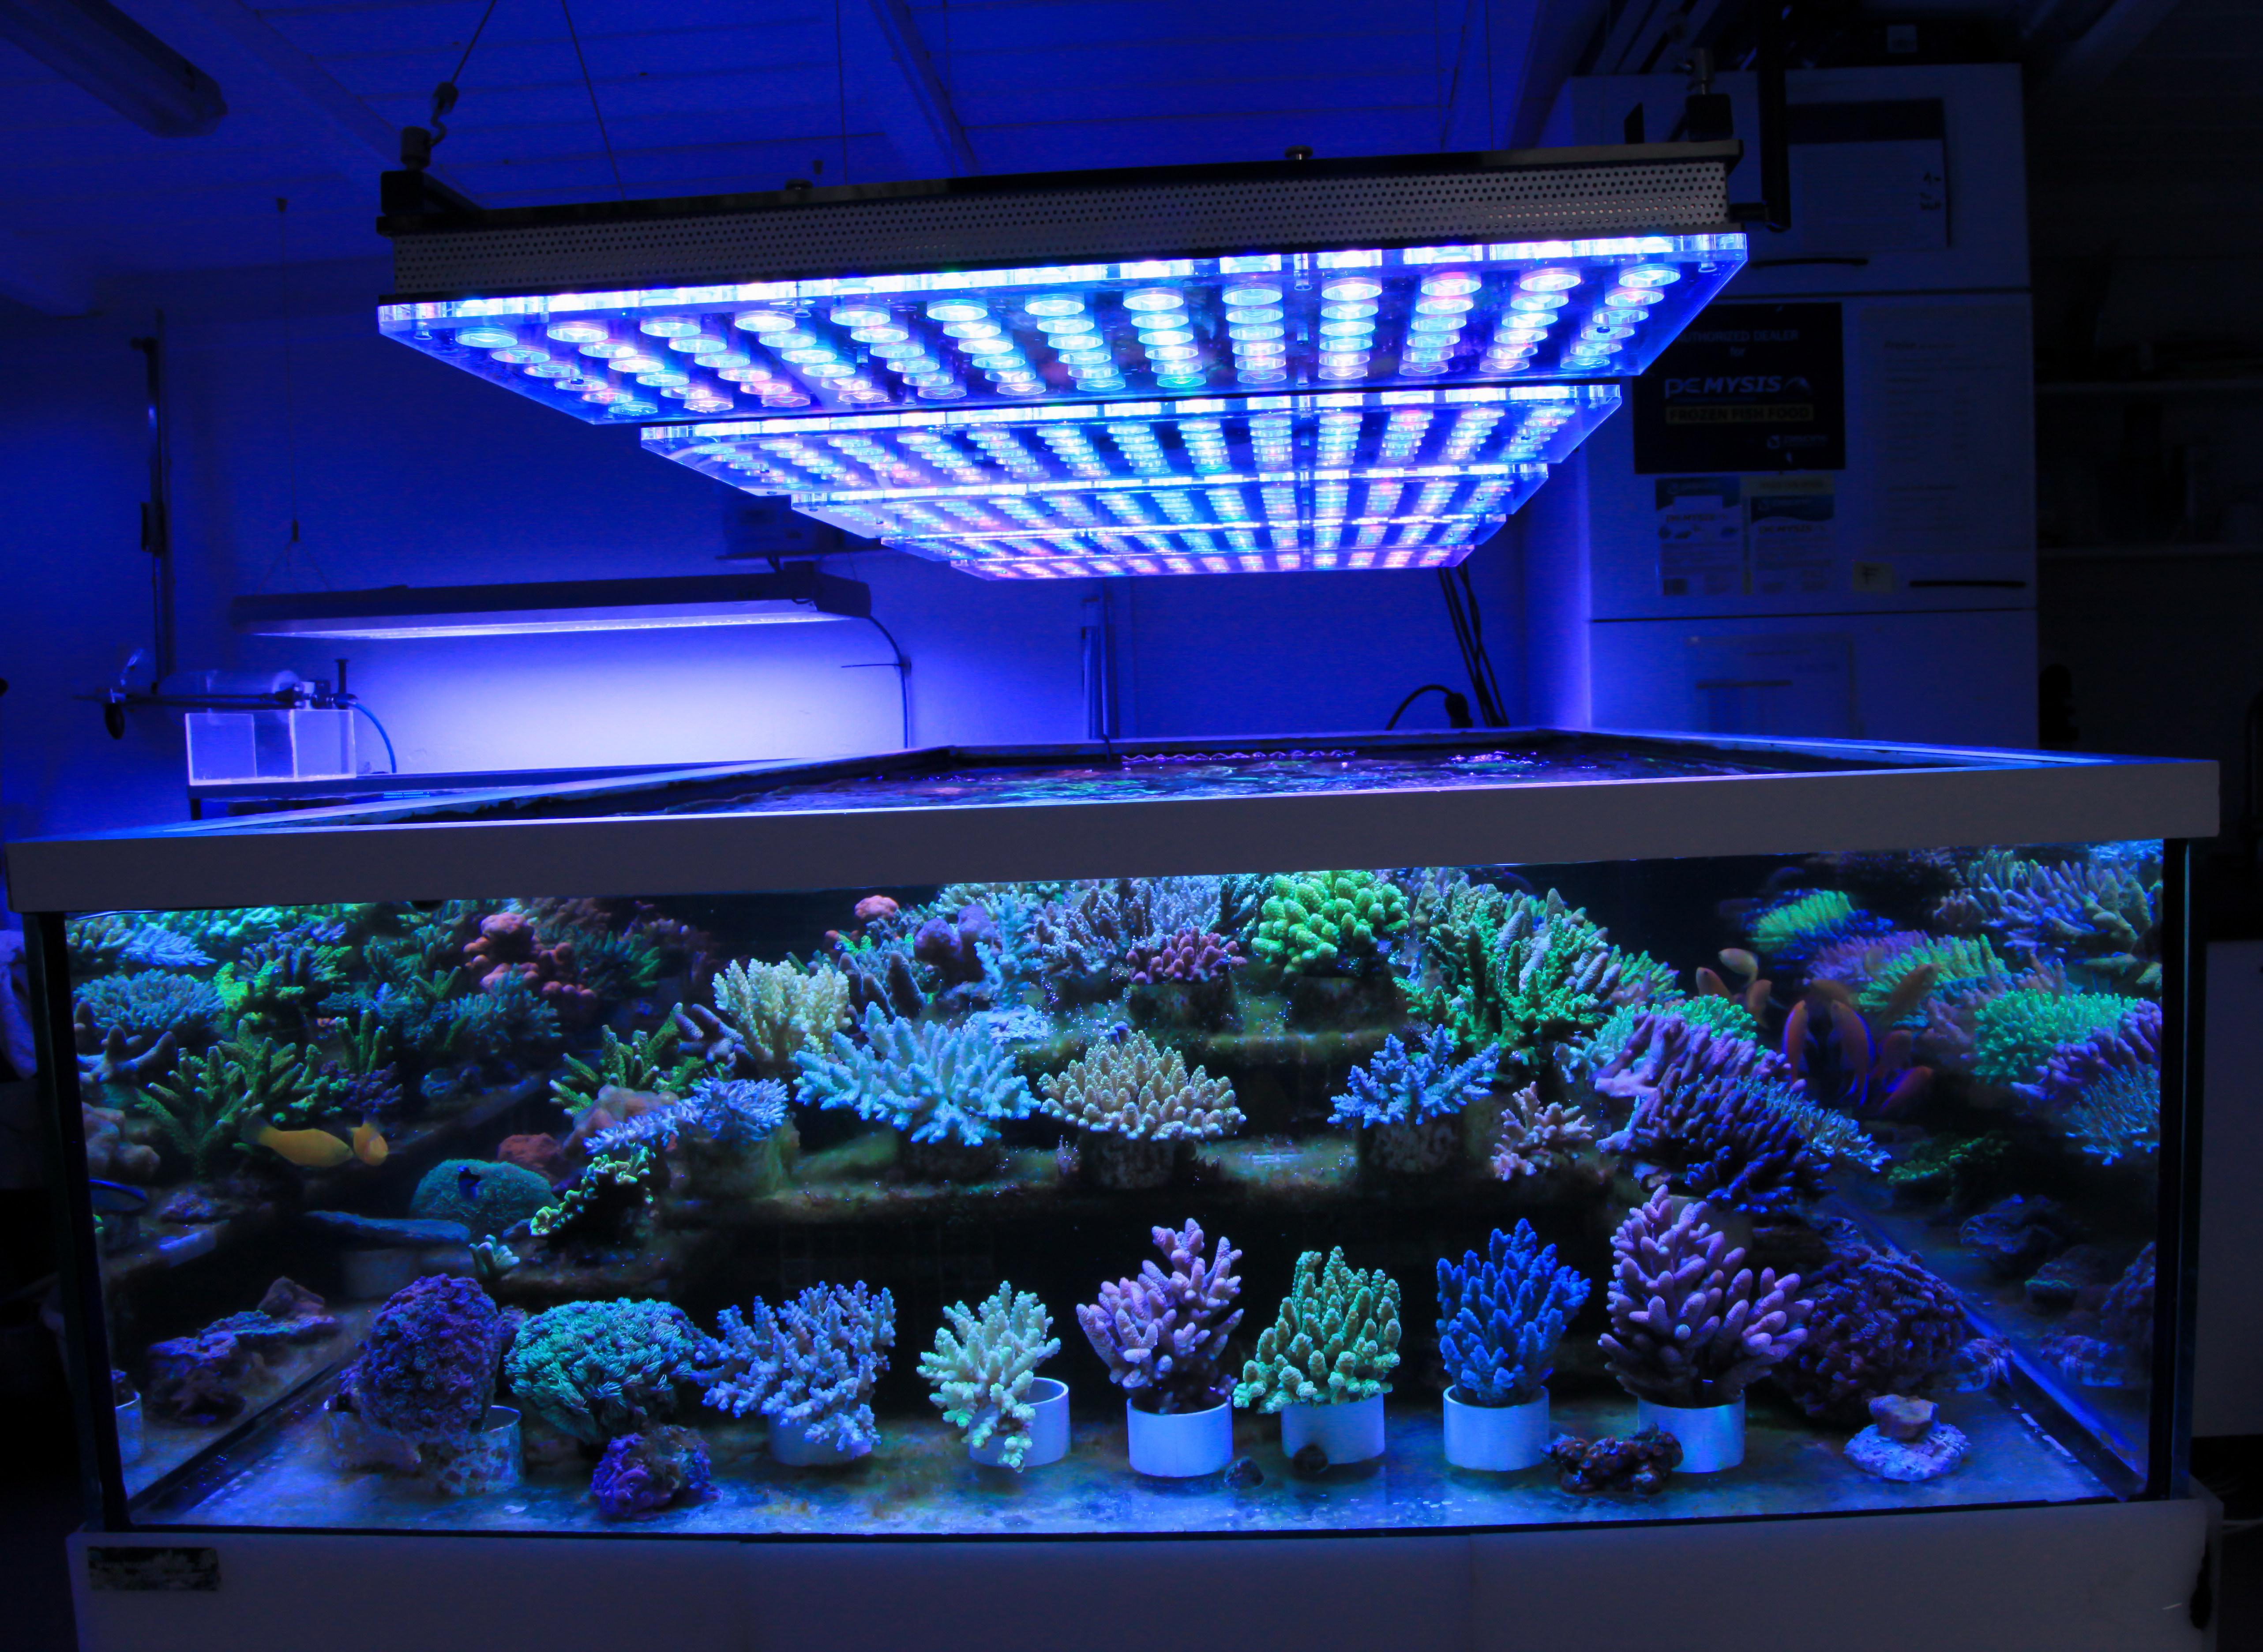 Une Boutique Allemande Presente Un Bel Eclairage A Led Coral